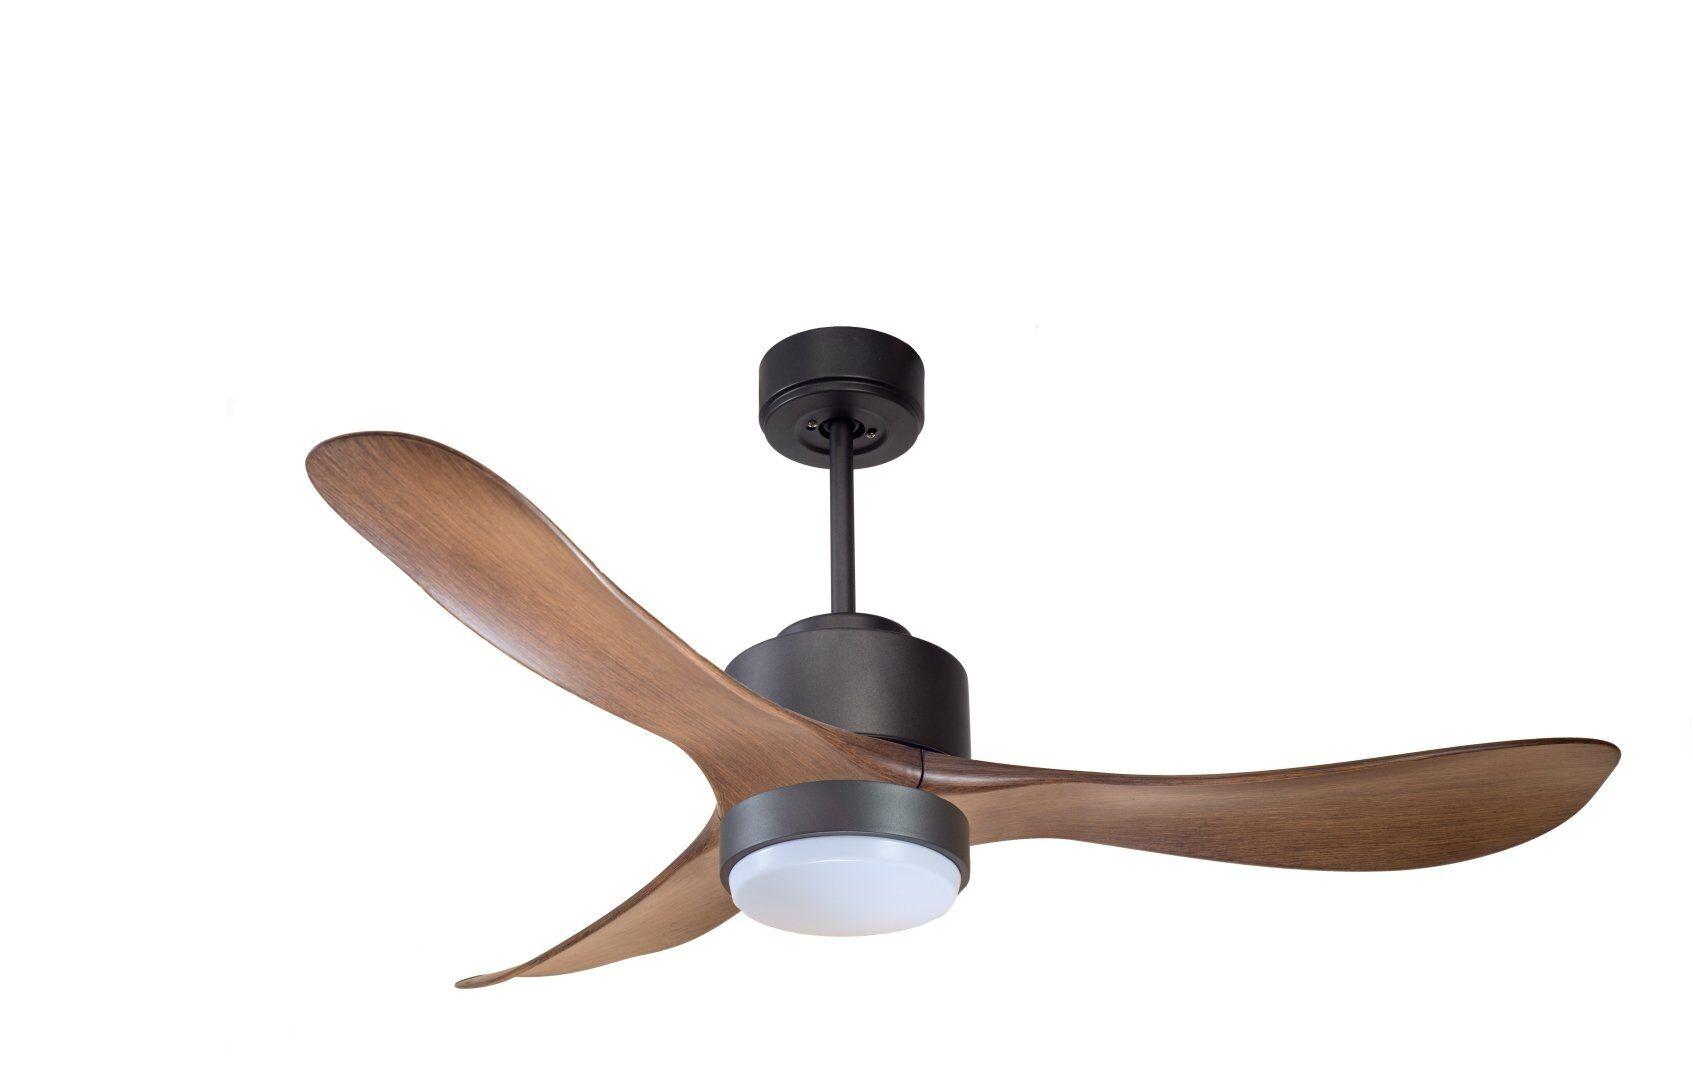 KlassFan Modulo by KlassFan - DC Ceiling Fan with Light Black and wood ideal for 25 to 40 m² KL_DC1_P3W_L1Bk